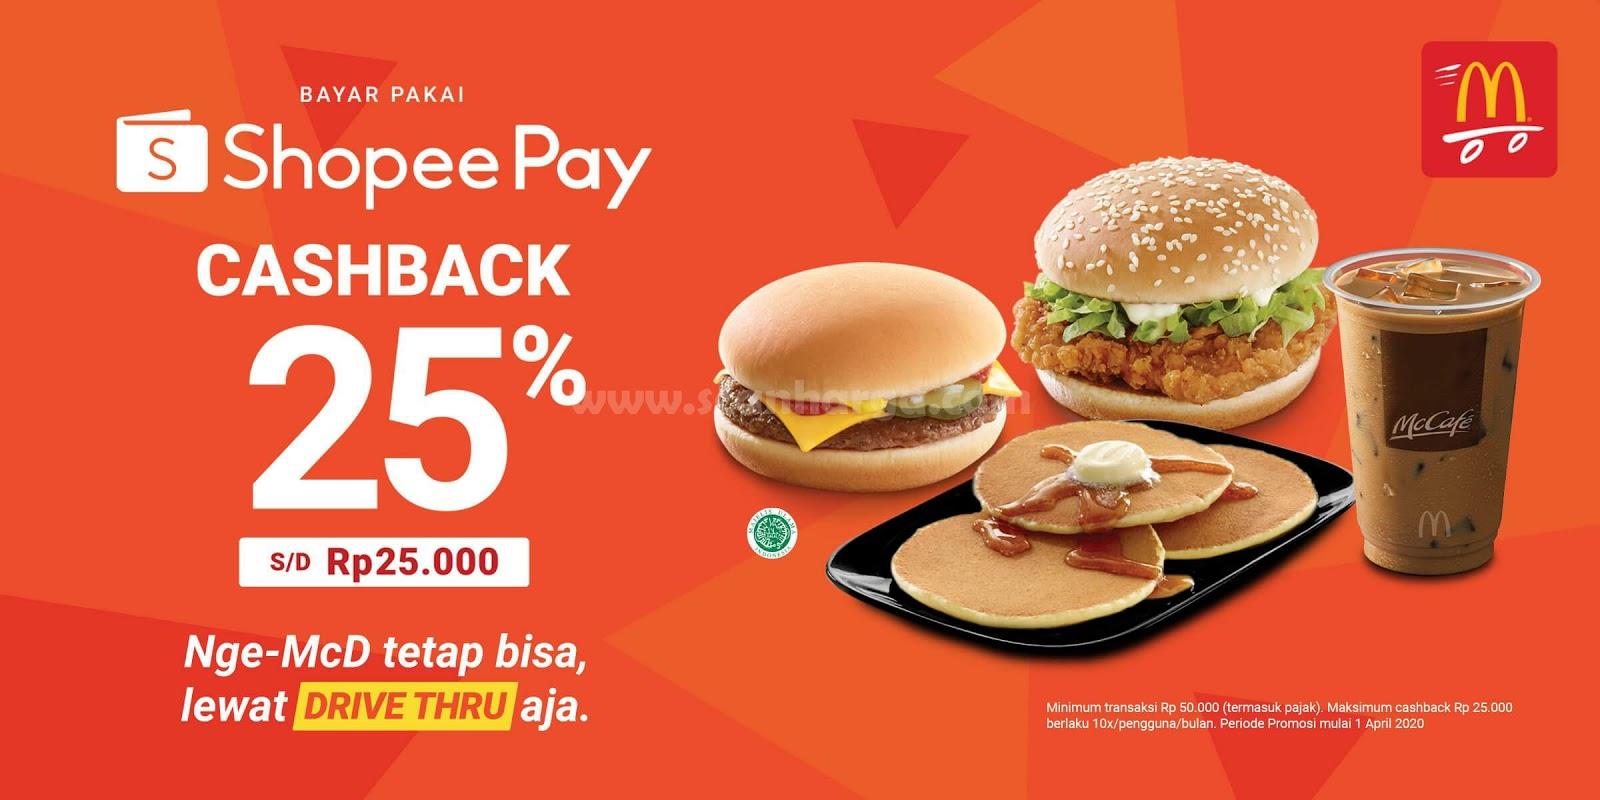 McD Promo Bayar Pakai Shopee Pay Cashback 25% Edisi Juni 2020